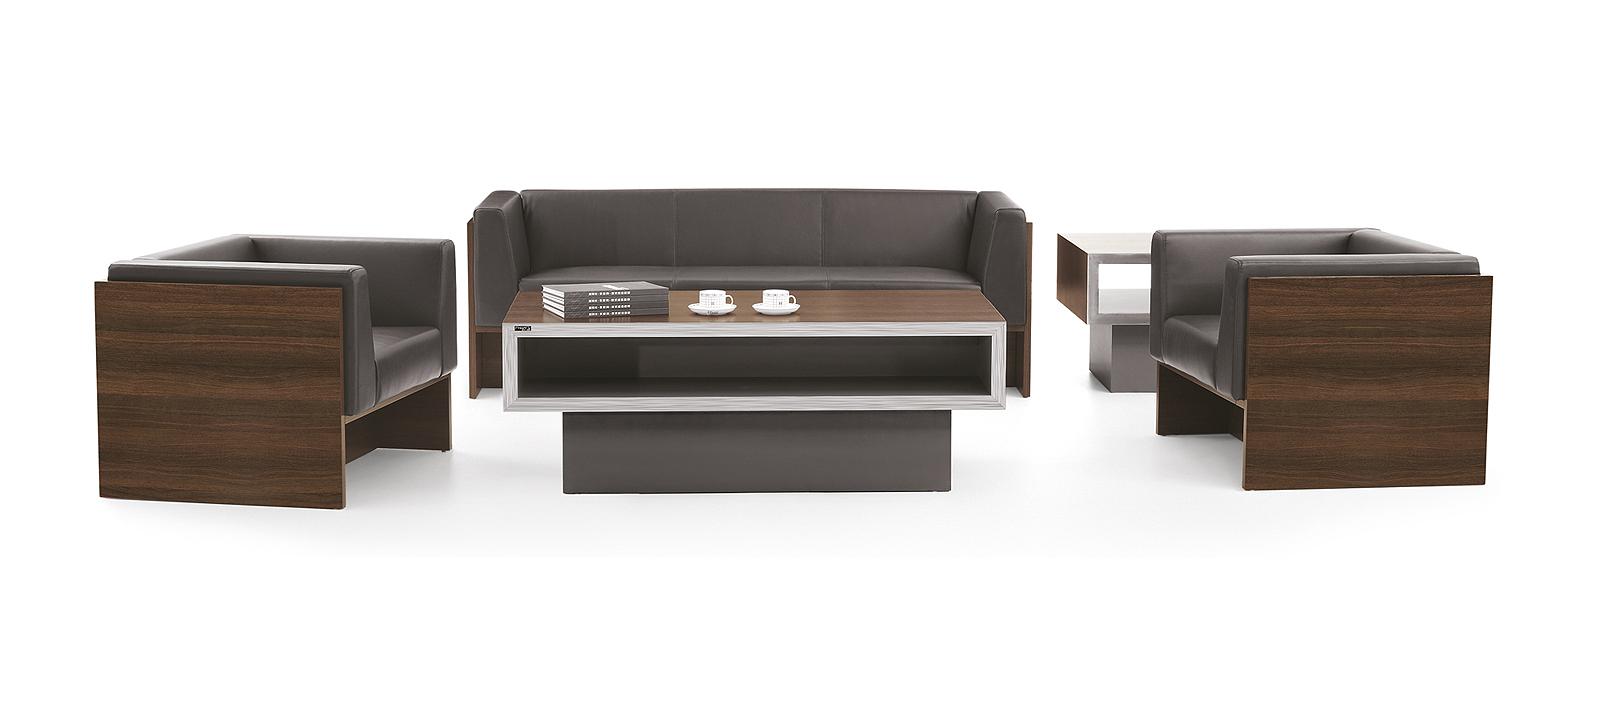 办公沙发舒适 办公沙发质量保证办公沙发安全无害材料 办公沙发